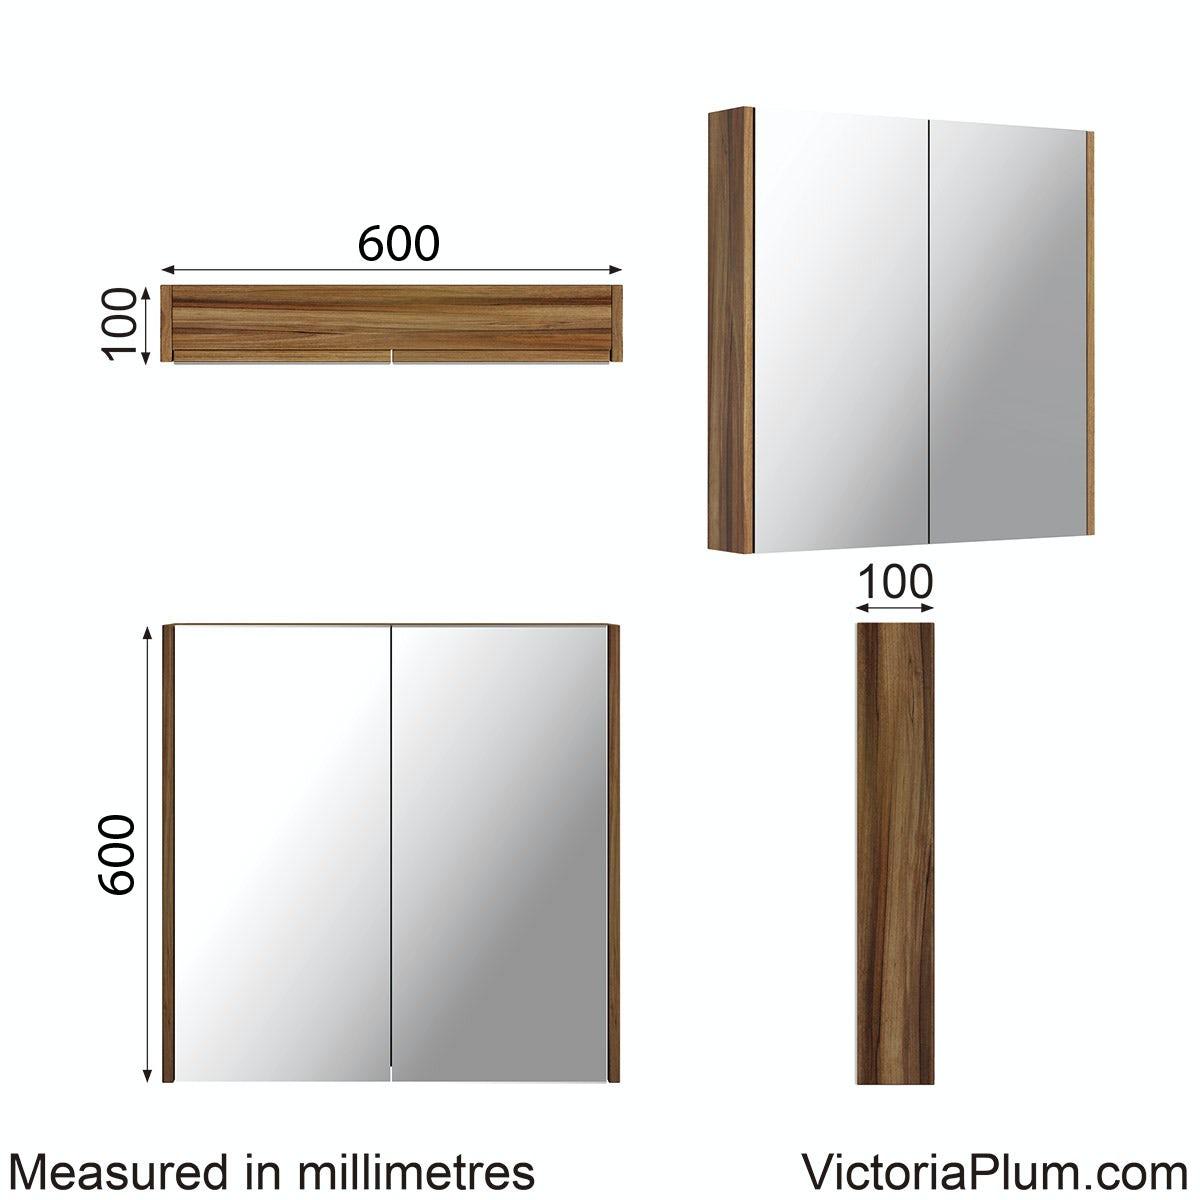 Dimensions for Clarity walnut 2 door bathroom mirror cabinet